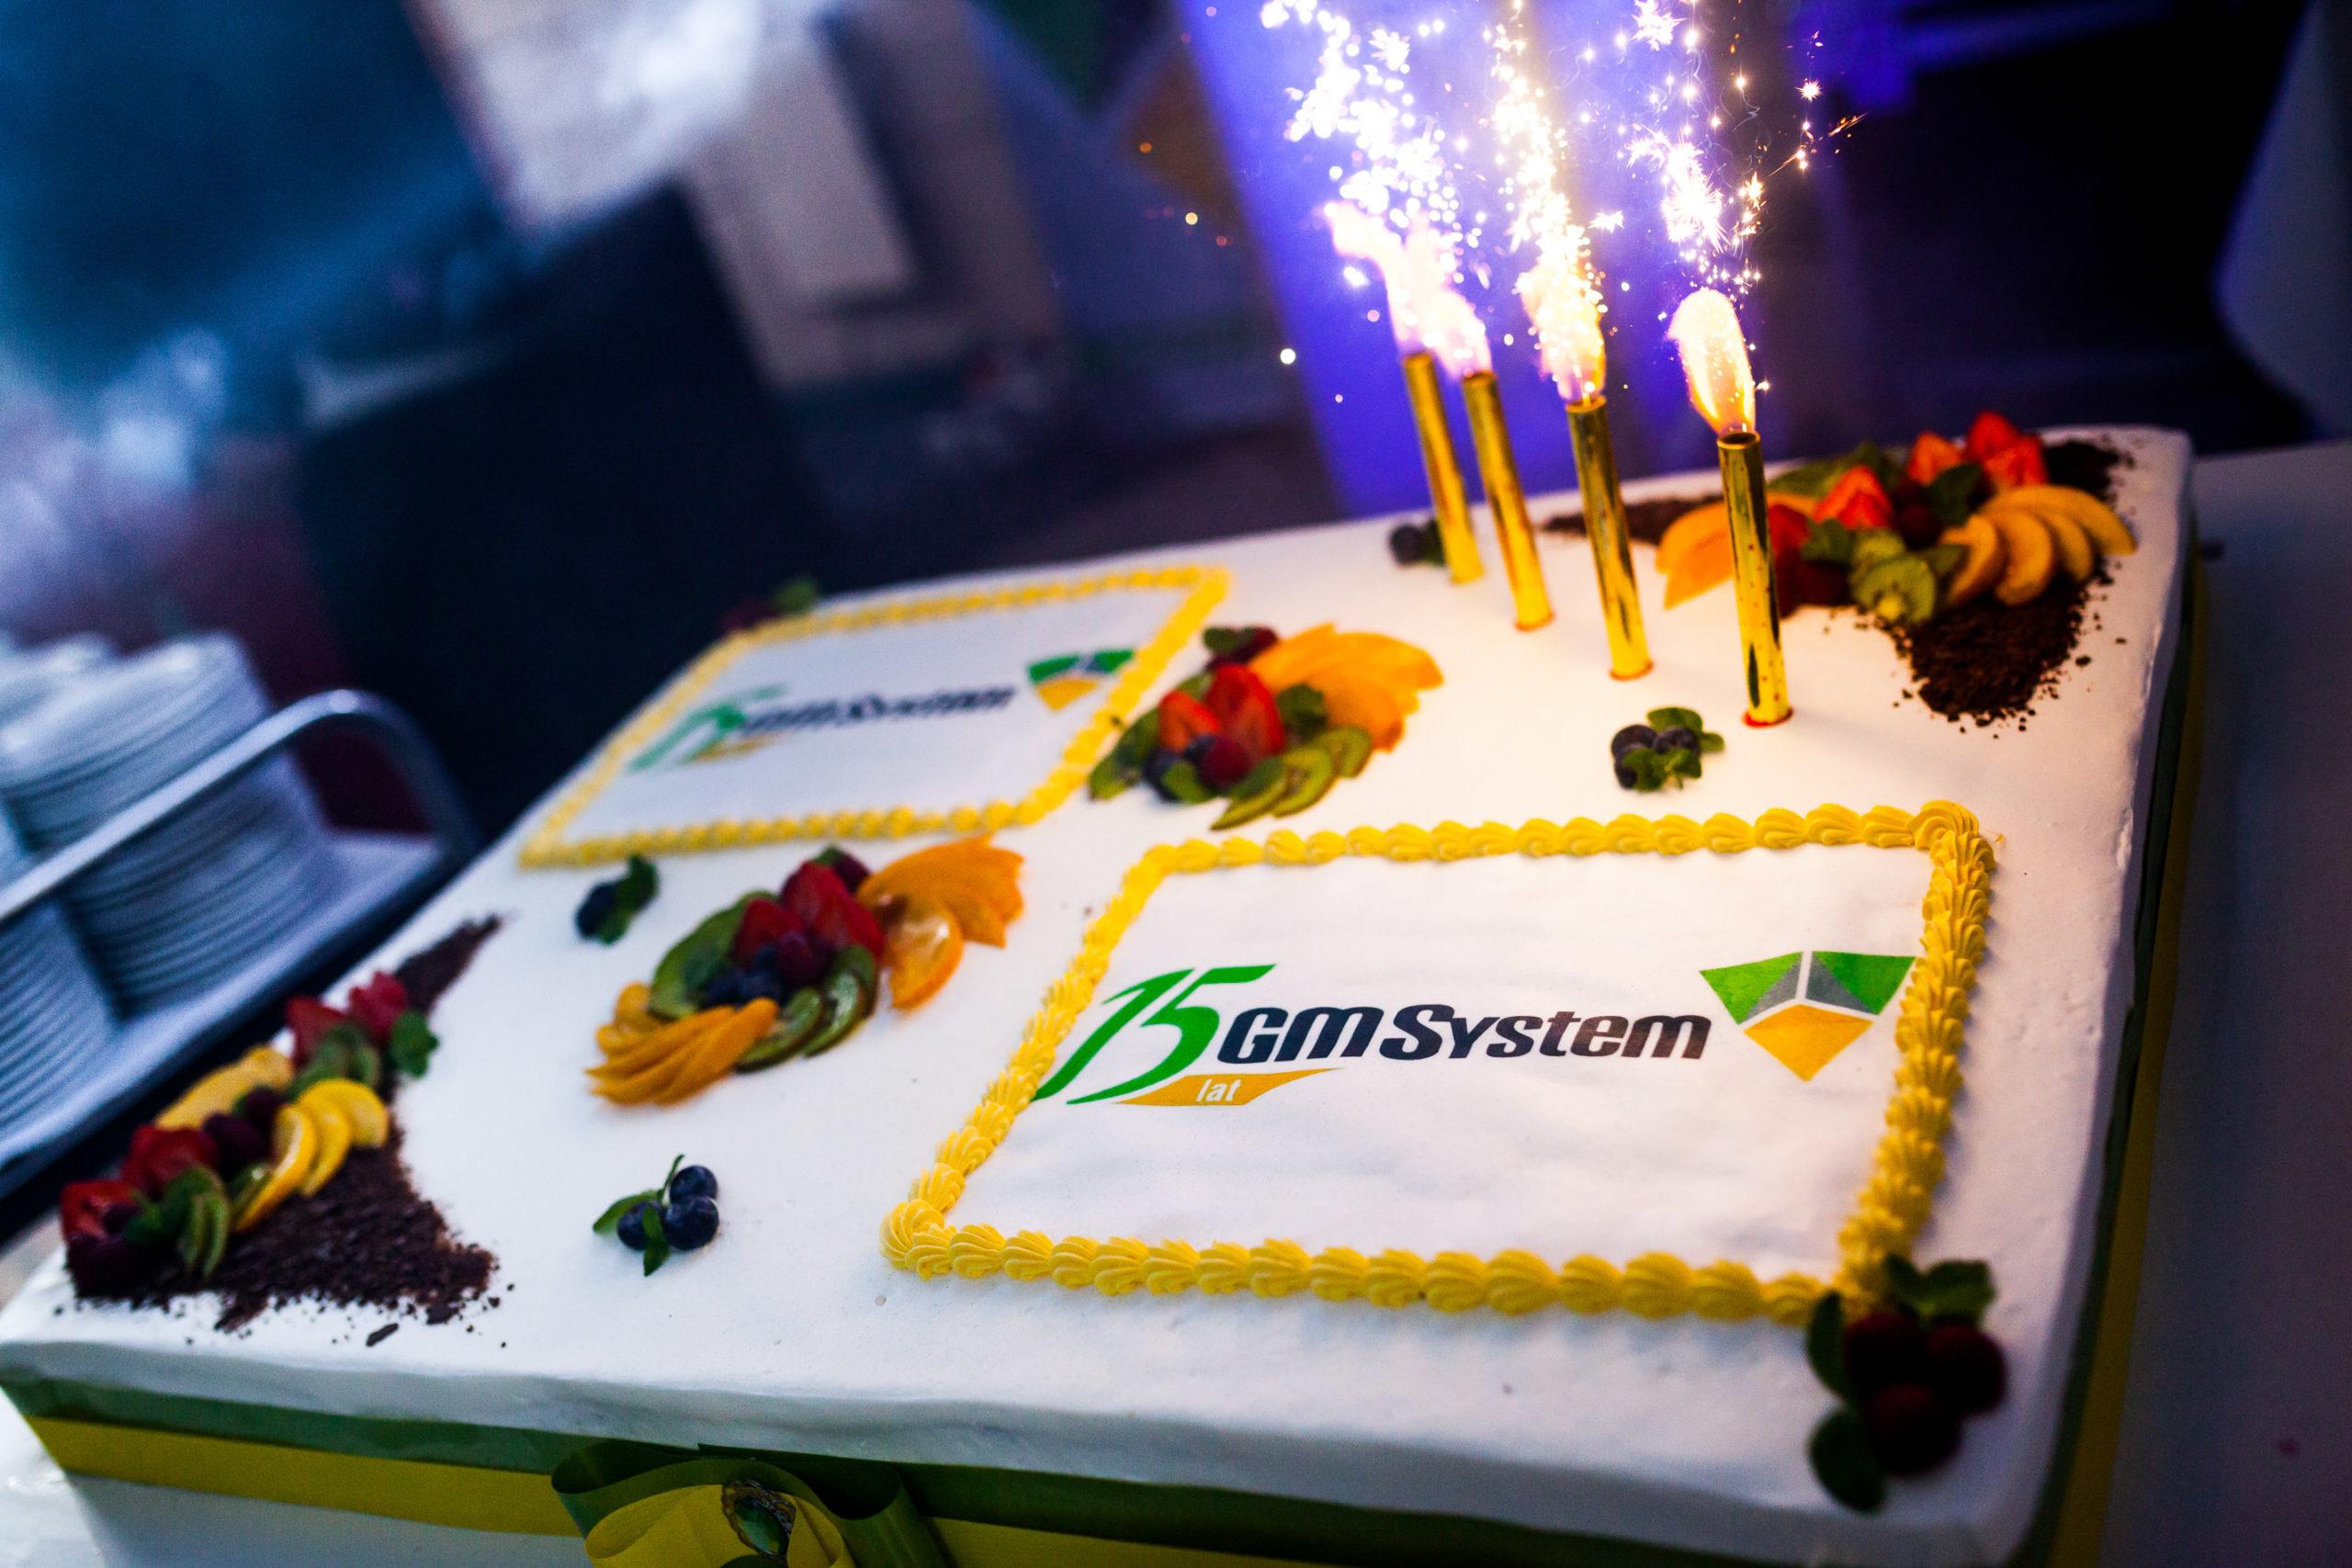 Impreza urodzinowa - 15 lat GM System